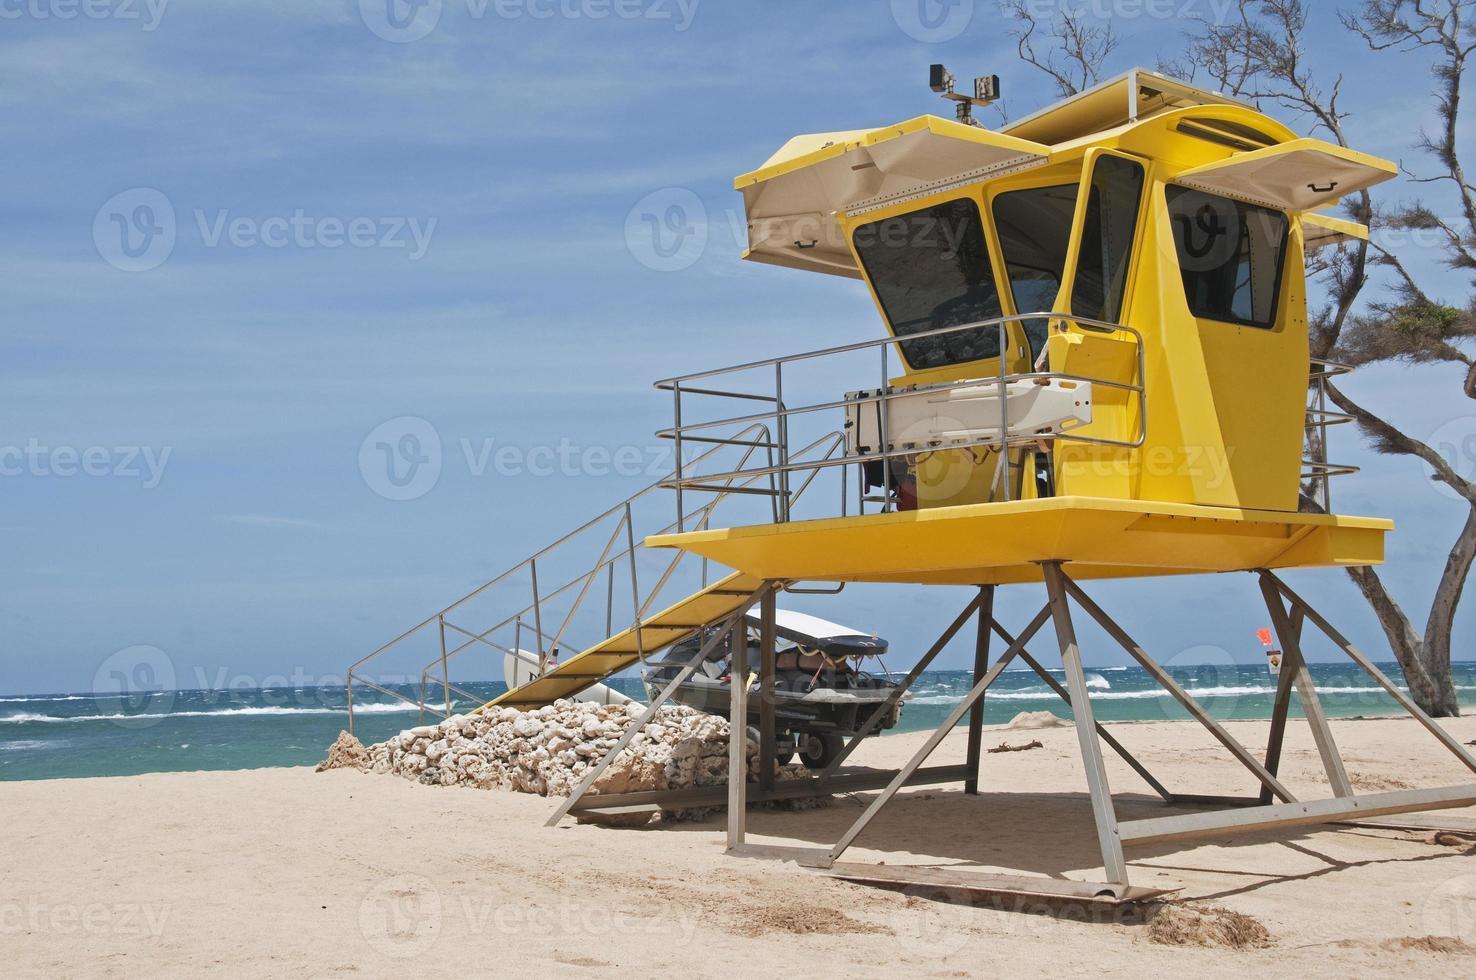 Rettungsstation am Strand in Maui foto